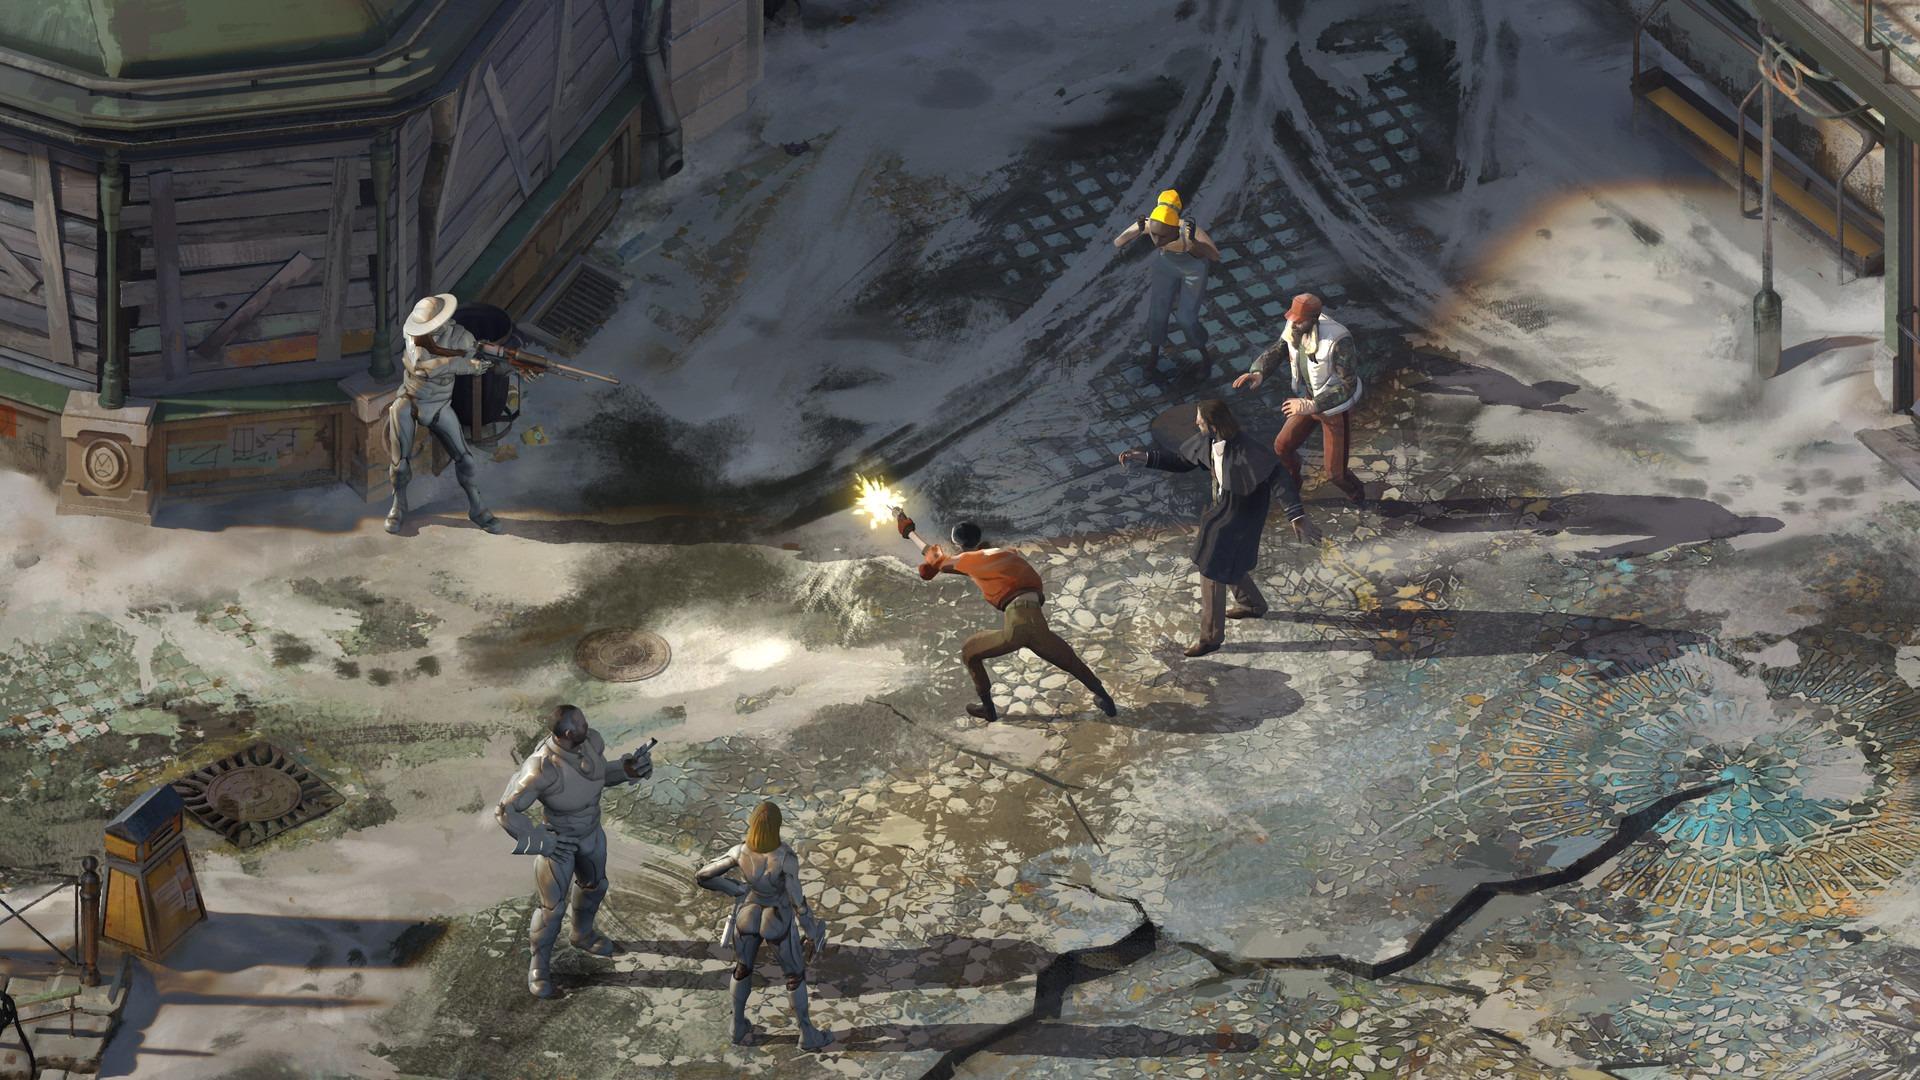 年度最佳RPG《极乐迪斯科》3月19日追加简中